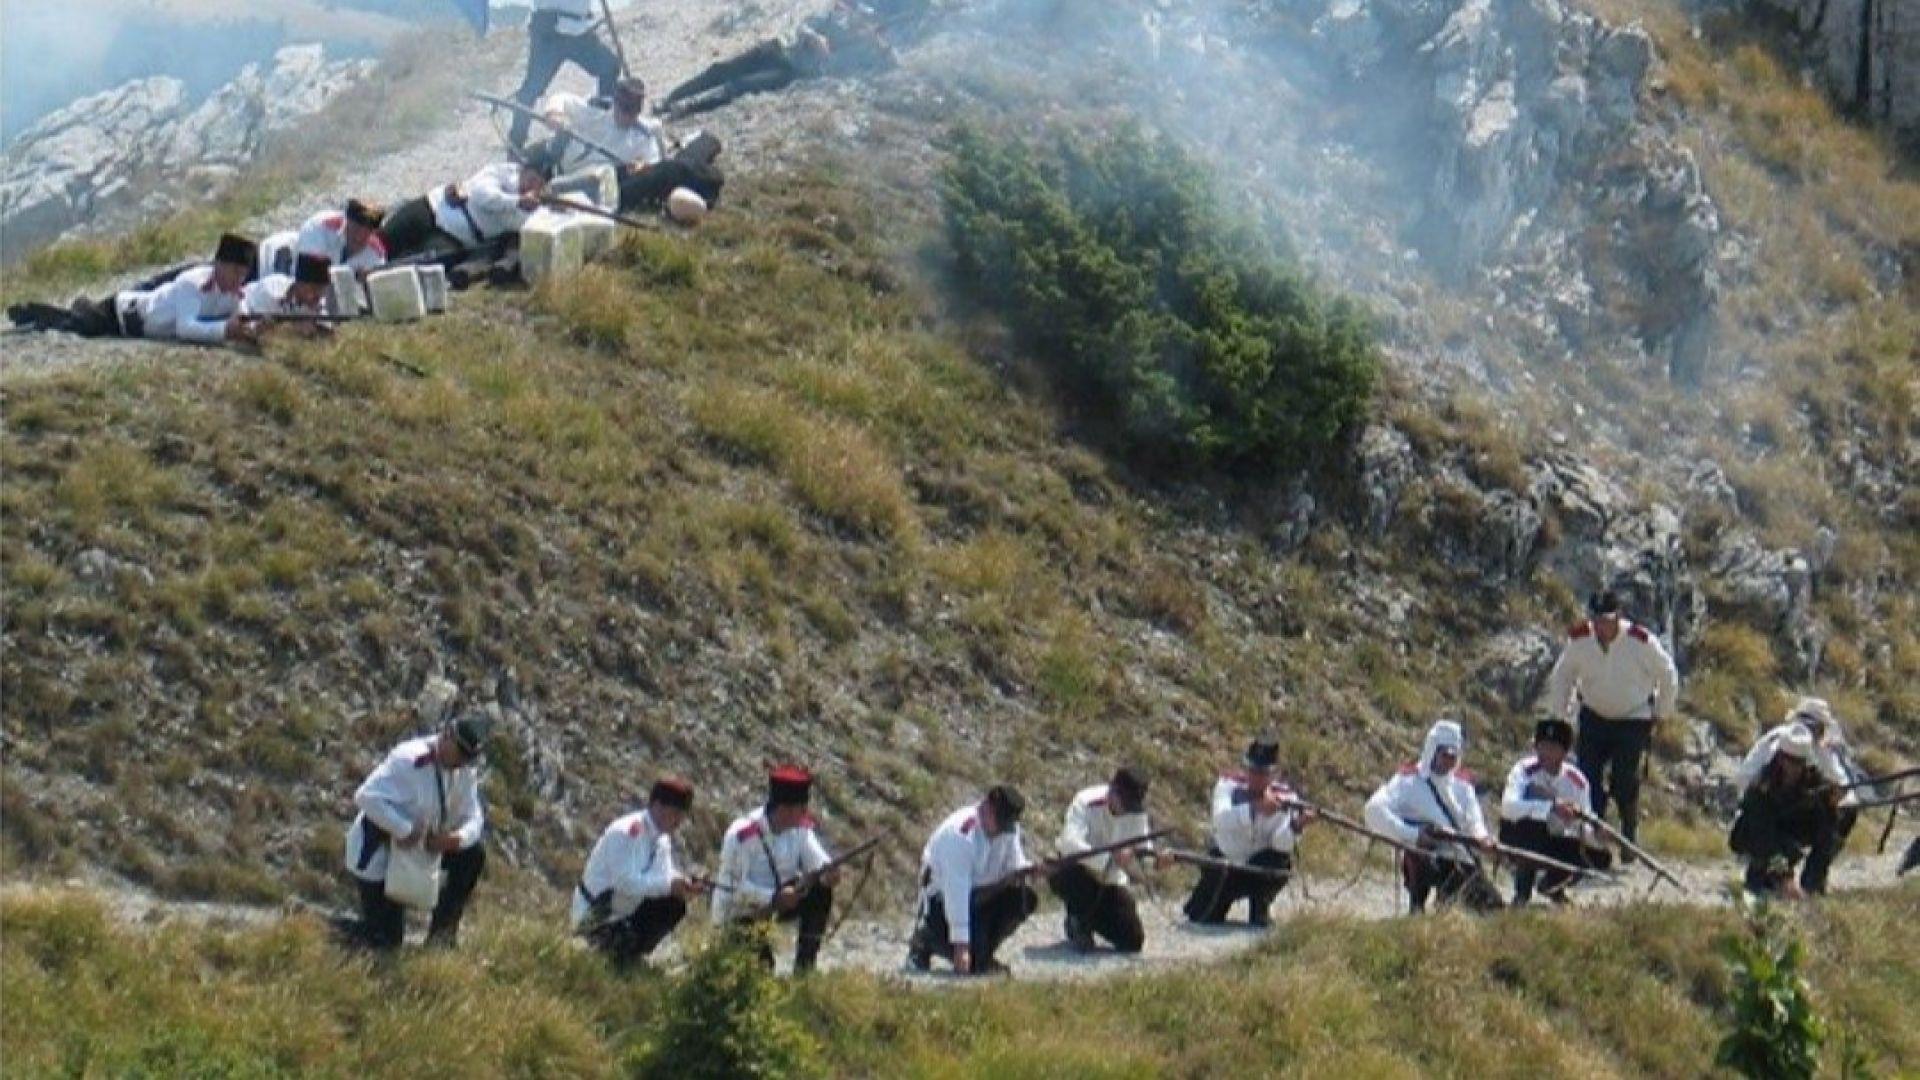 МВР конфискува антикварни оръжия от дружество за възстановки на Руско-турската война